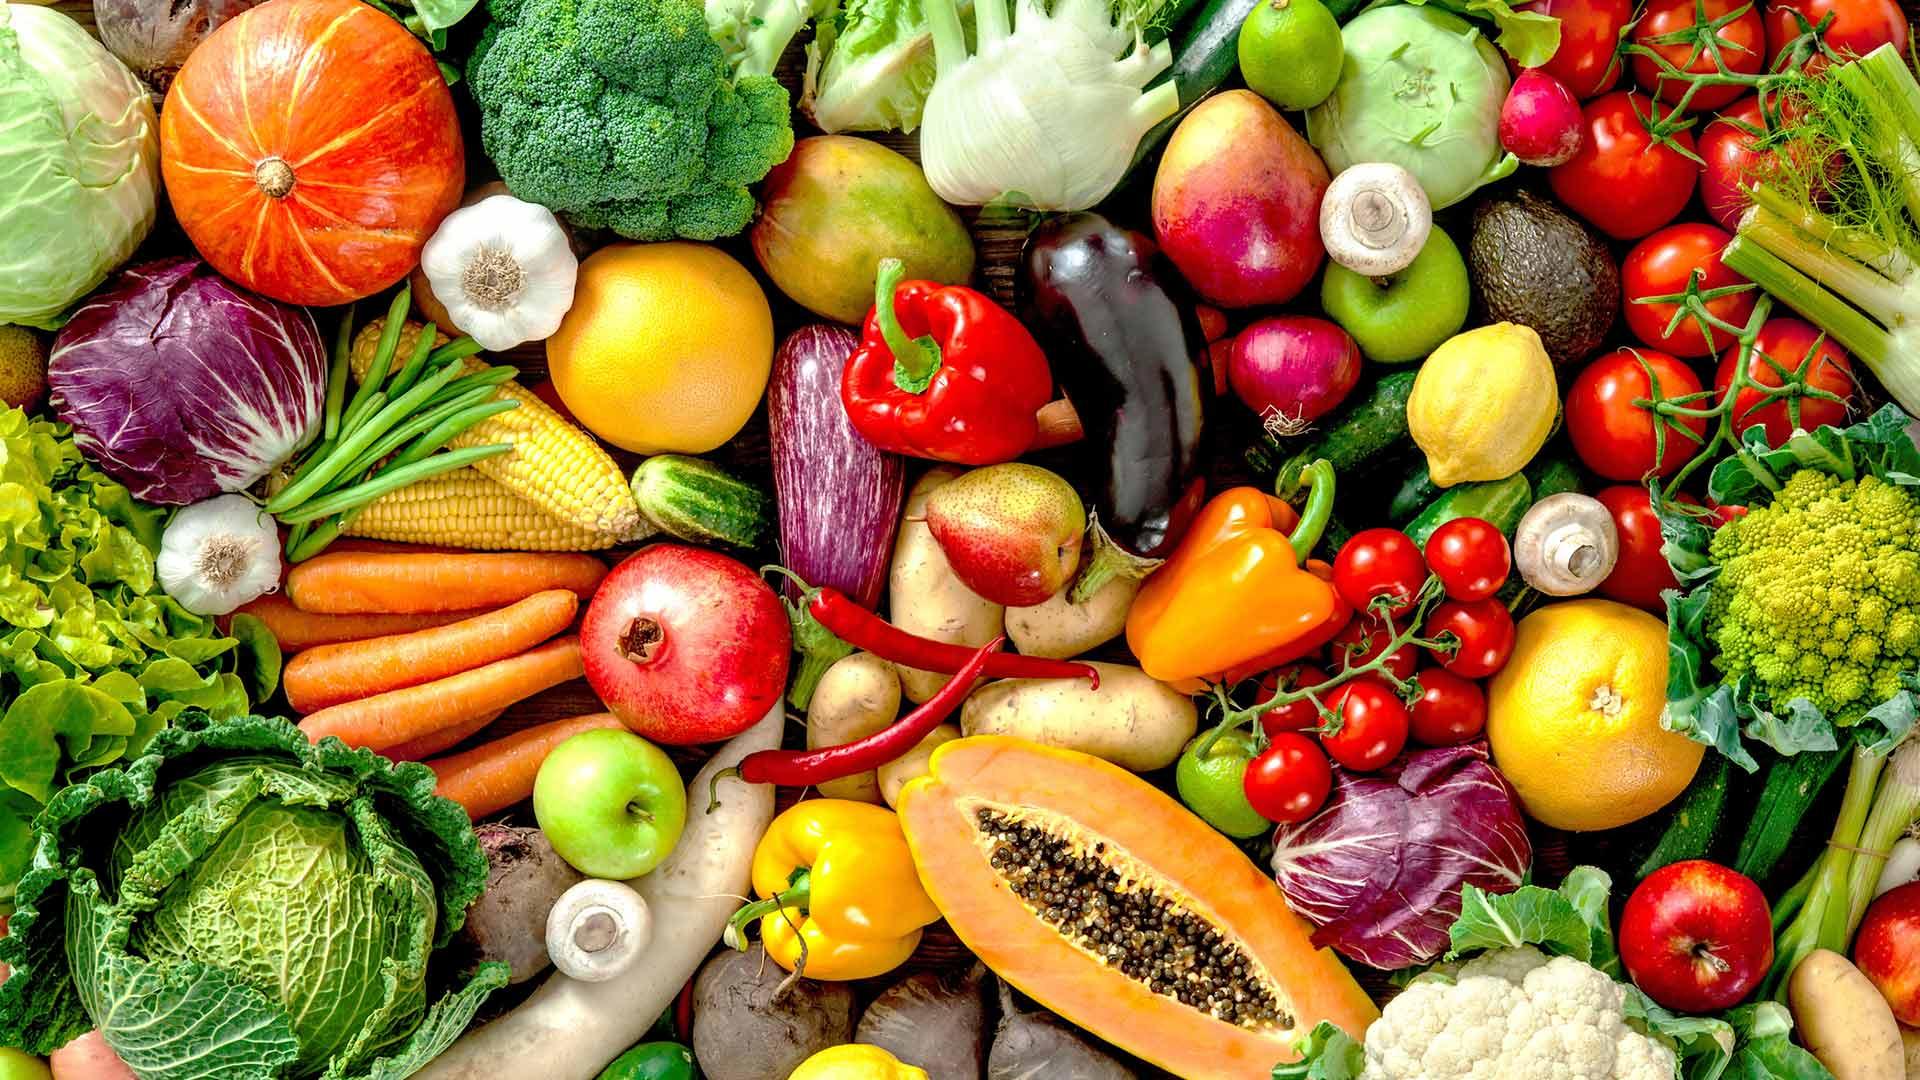 Alimentos 'eco': ni más sanos ni siempre mejores